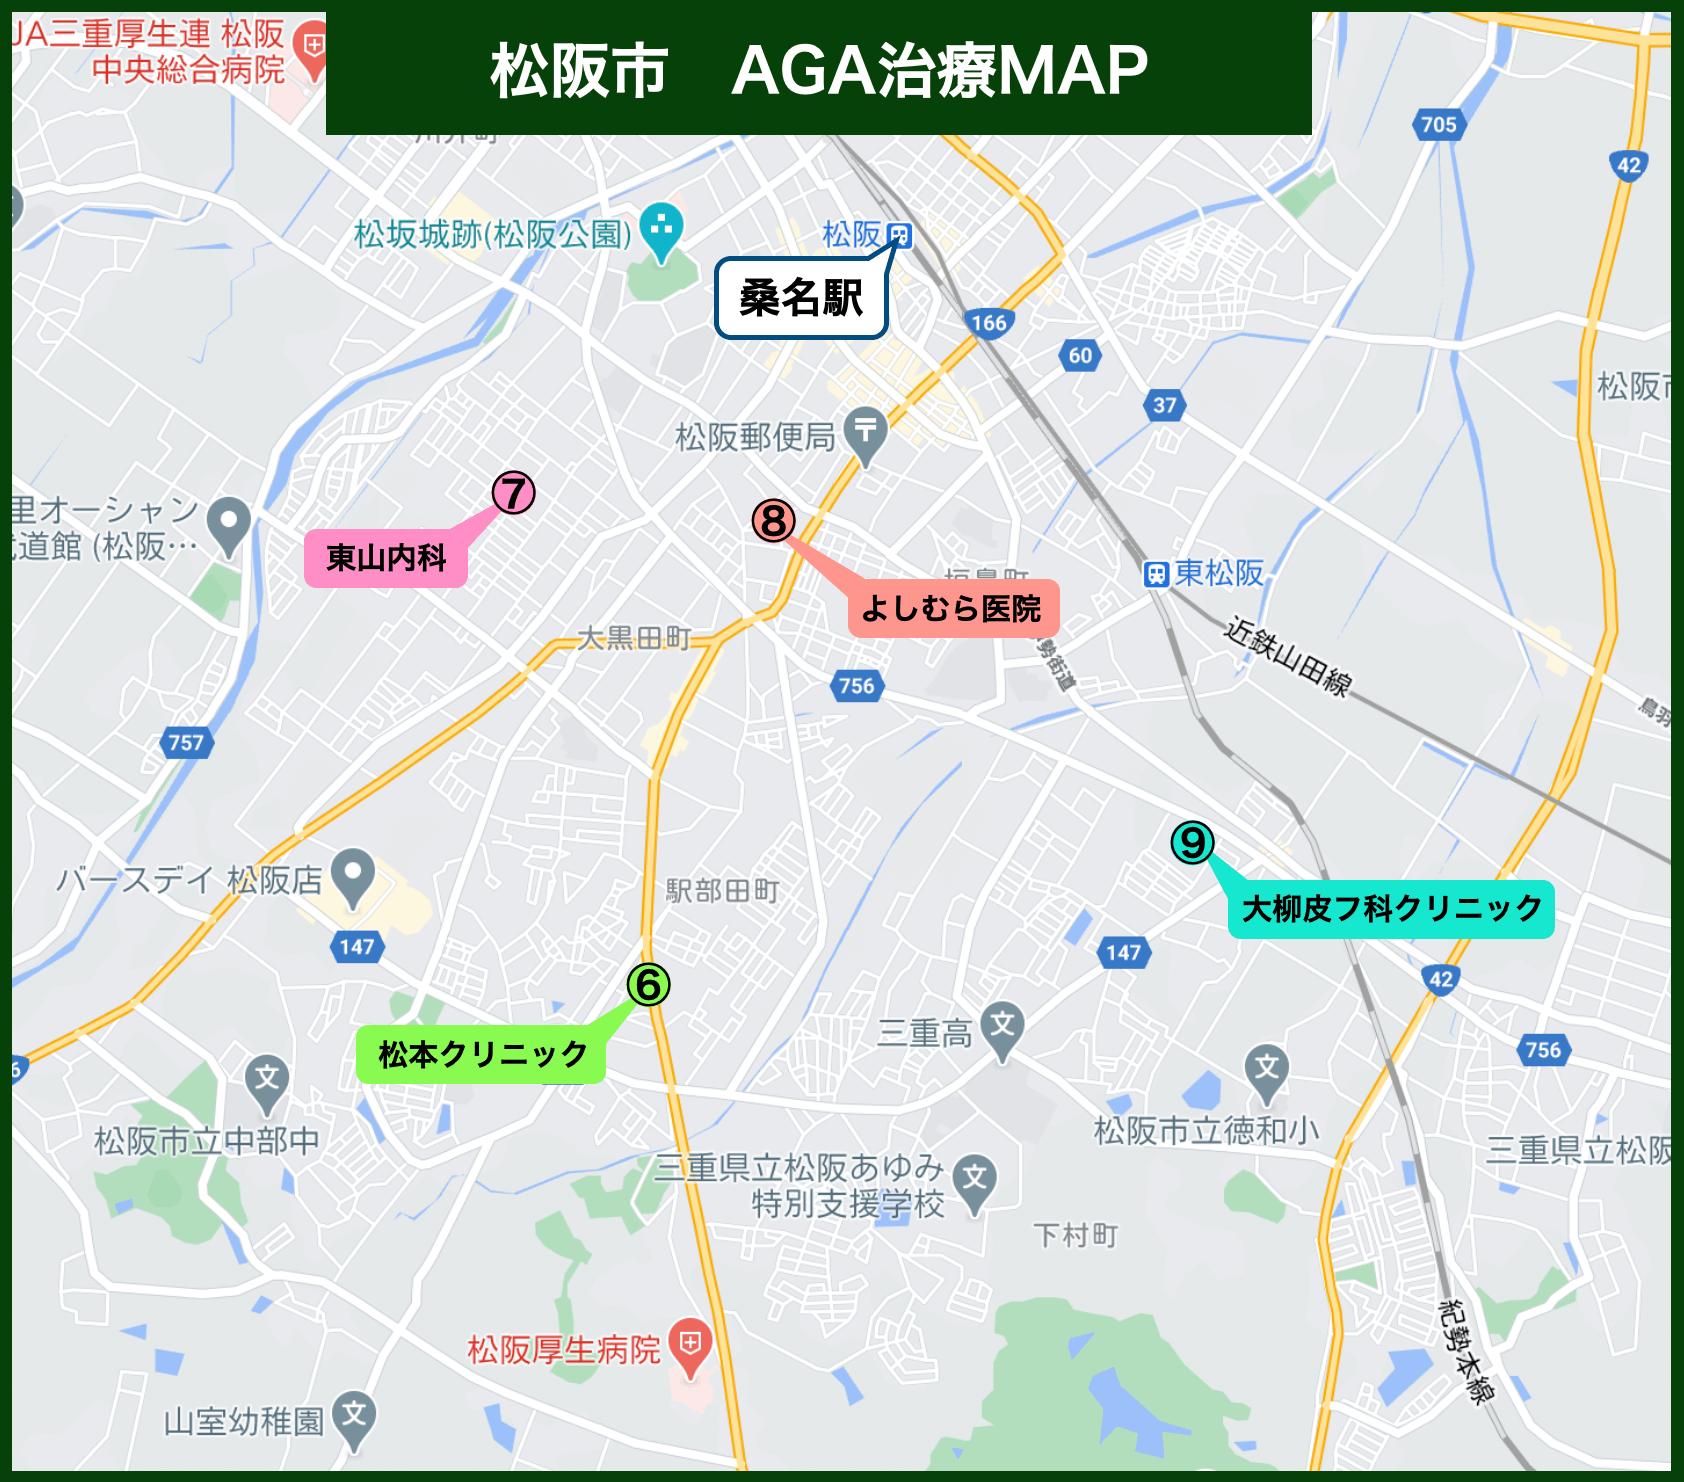 松阪市 AGA治療MAP